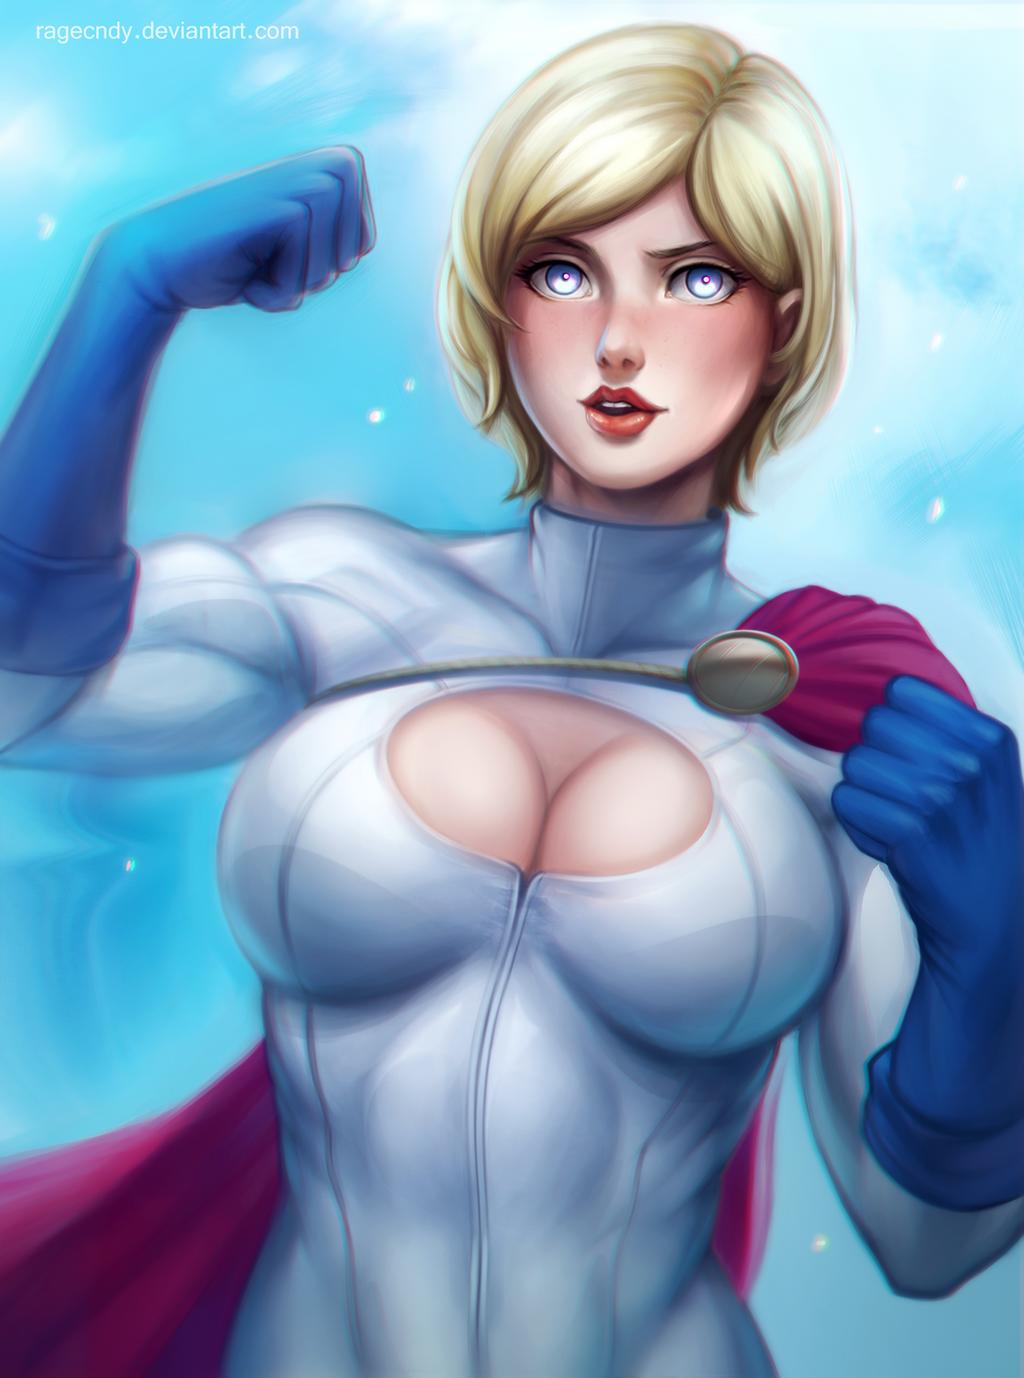 Power girl by ragecndy